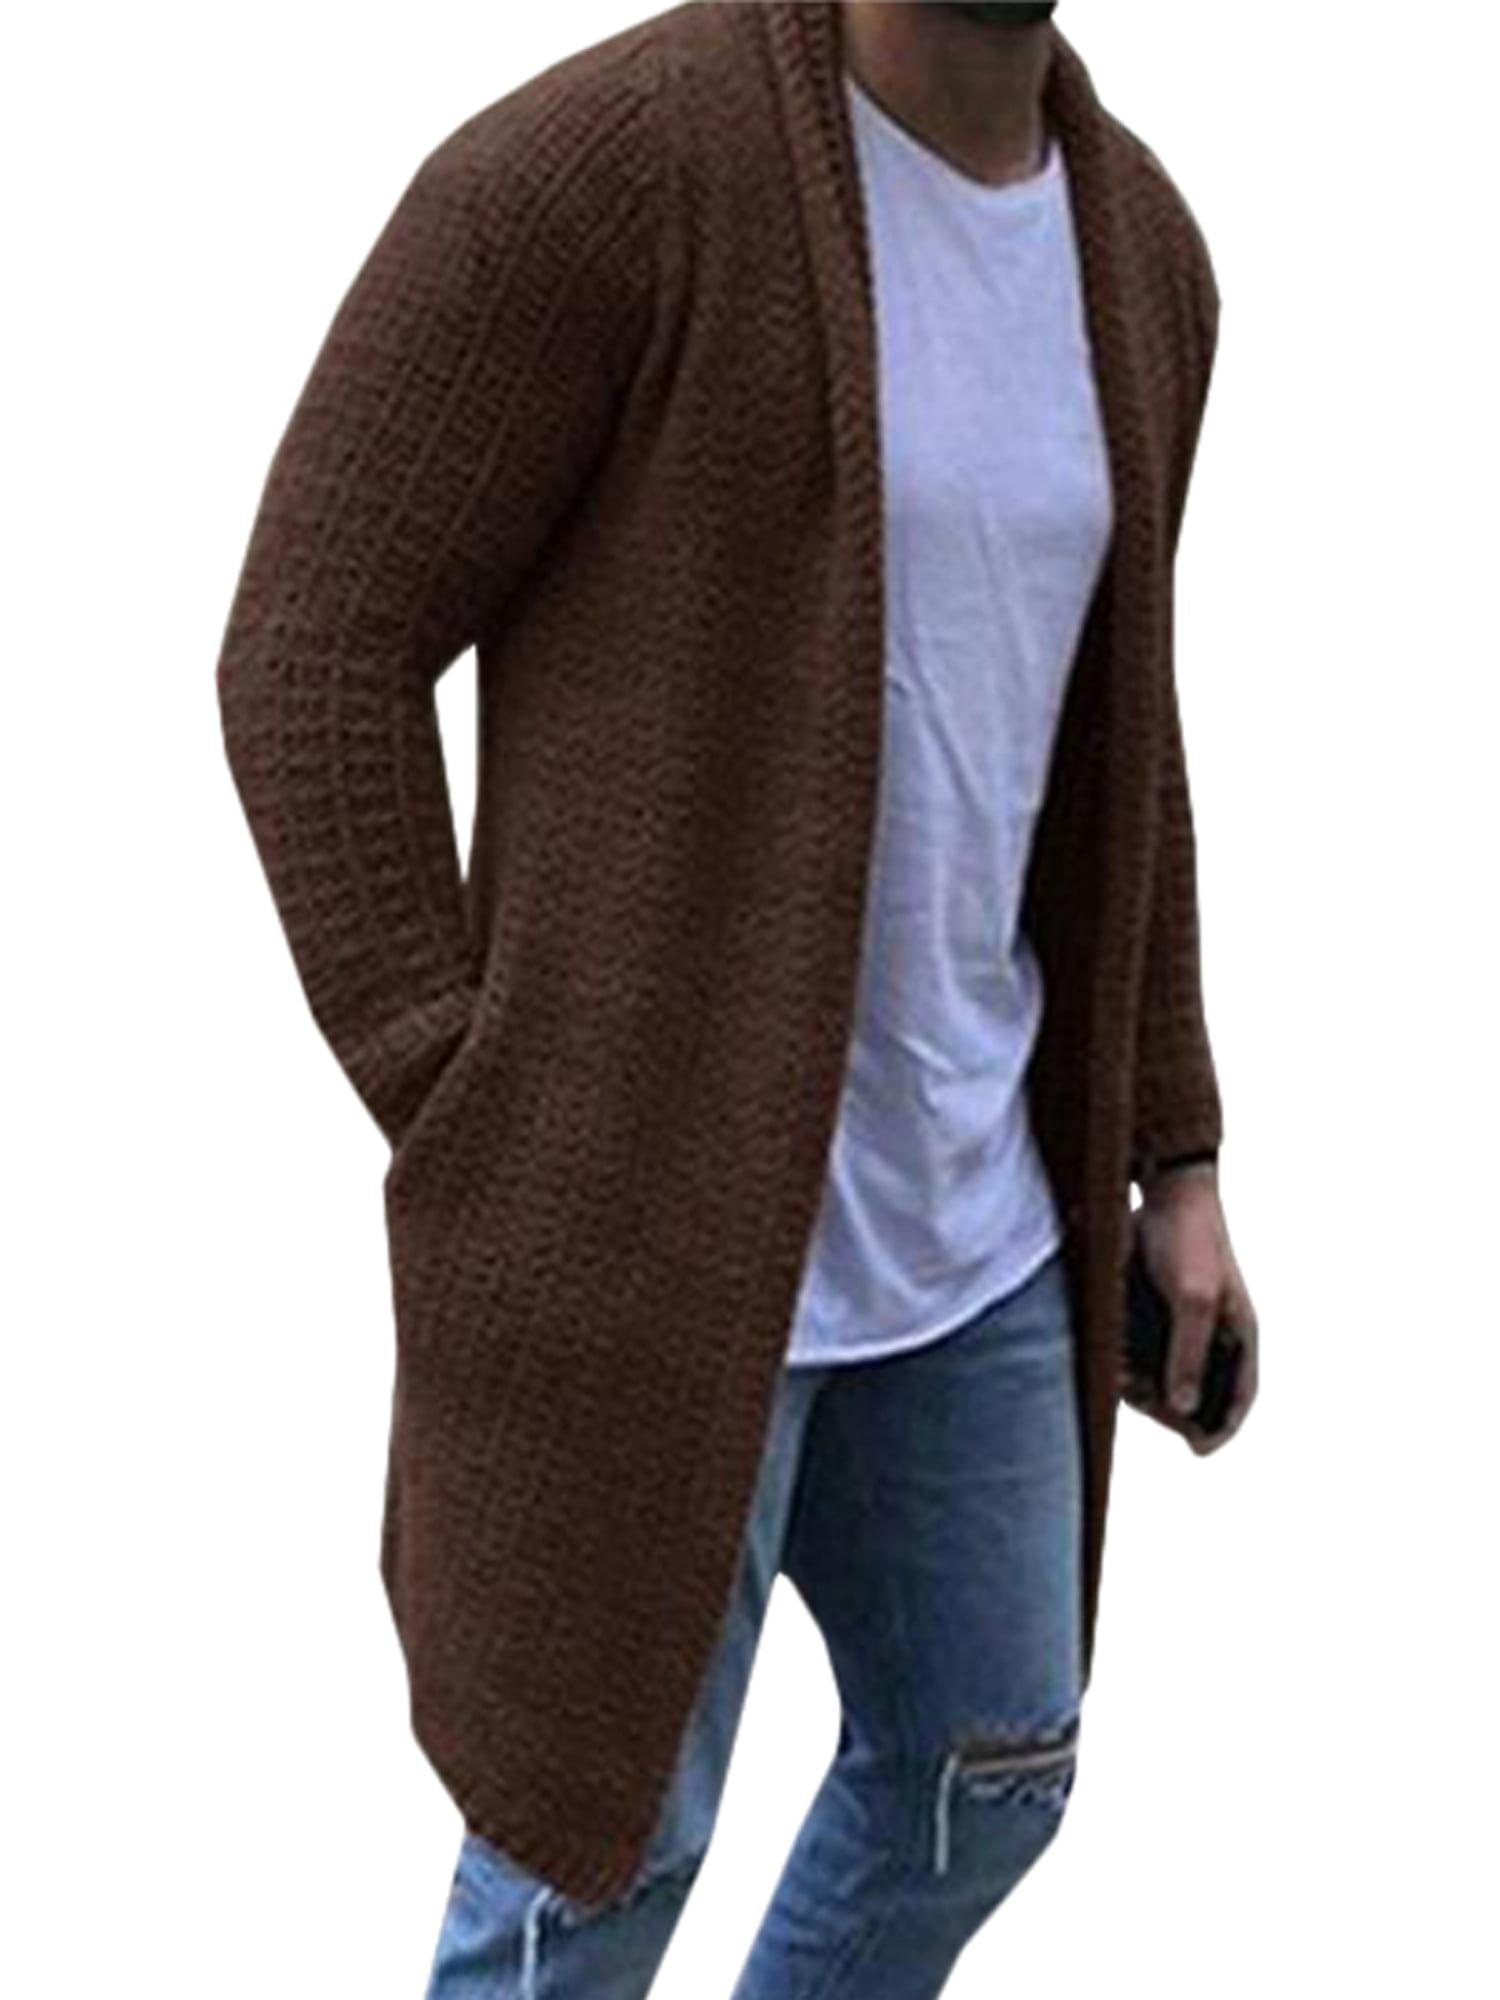 Mens Casual Winter Warm Sweater Knitted Cardigan Coat Knitwear Outwear Overcoat